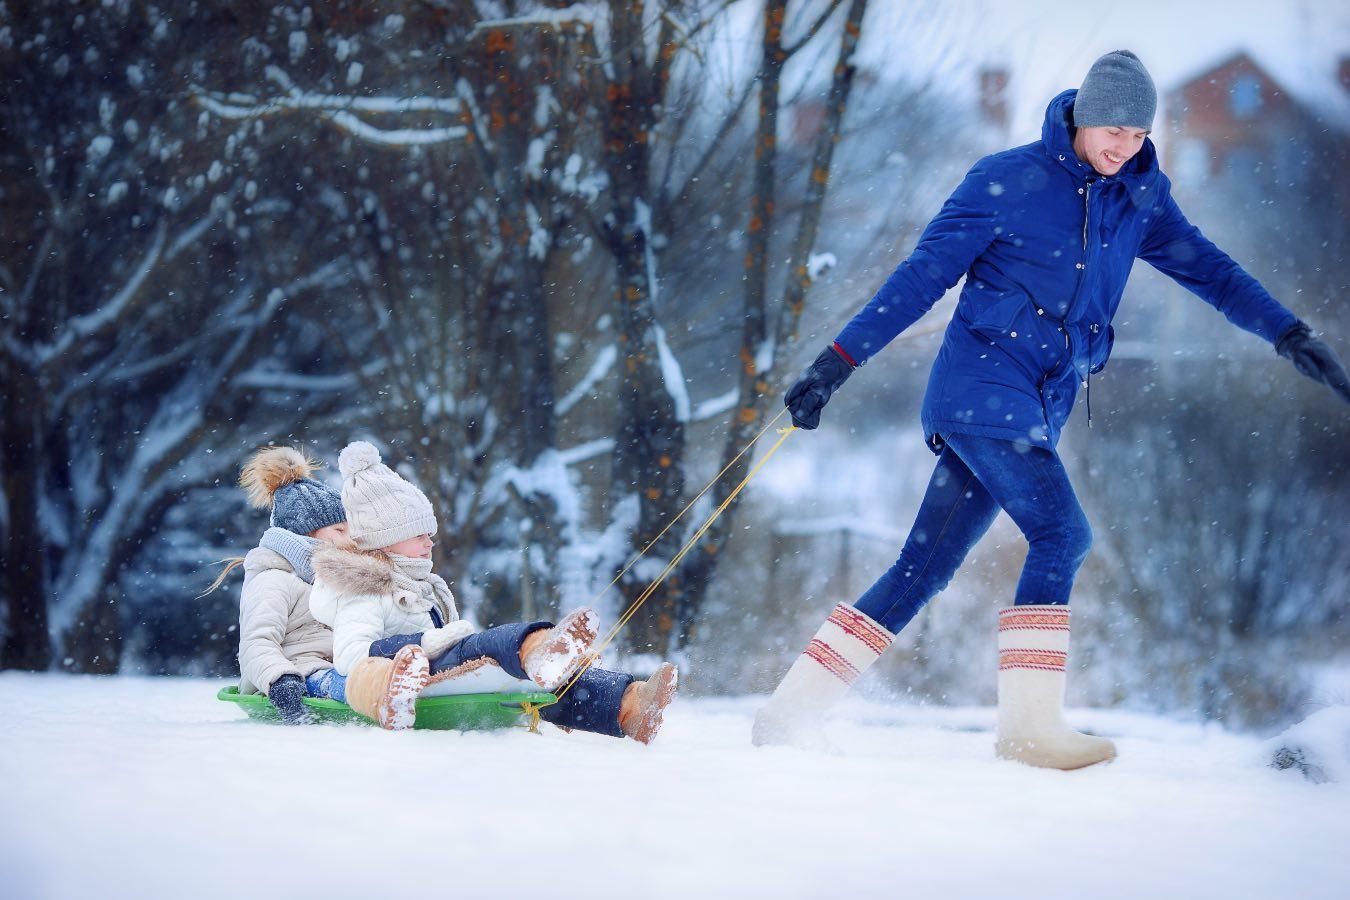 Kiedy są ferie zimowe 2022: Jak zaplanować zimowe wyjazdy?